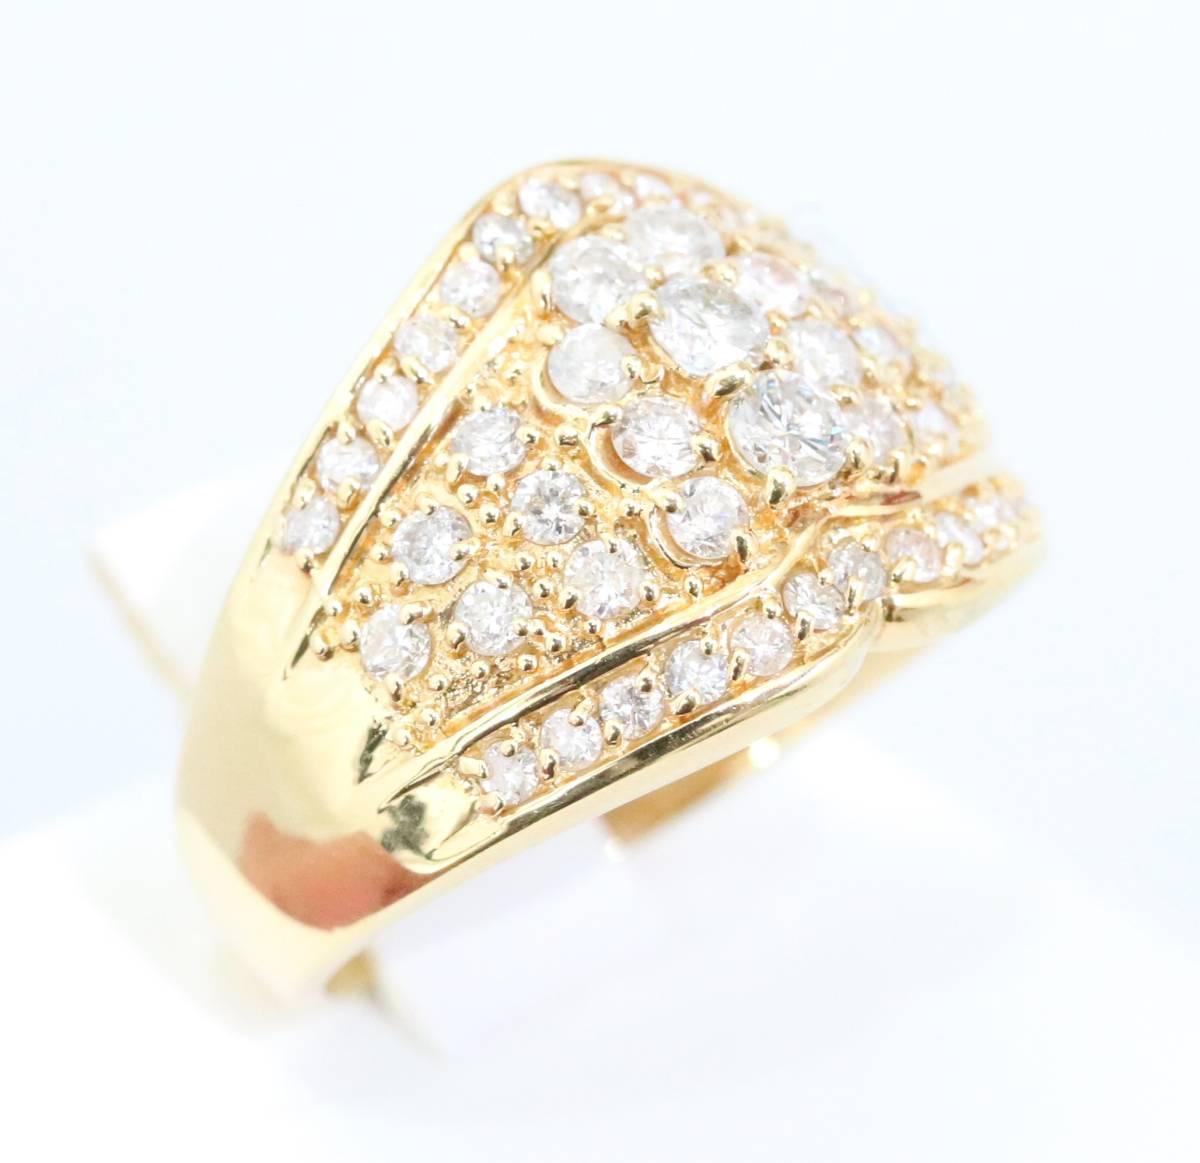 【1円スタート】 ♪★豪華な輝き★天然ダイヤモンド1.03ct K18リング♪ Jewel de Coco_画像7